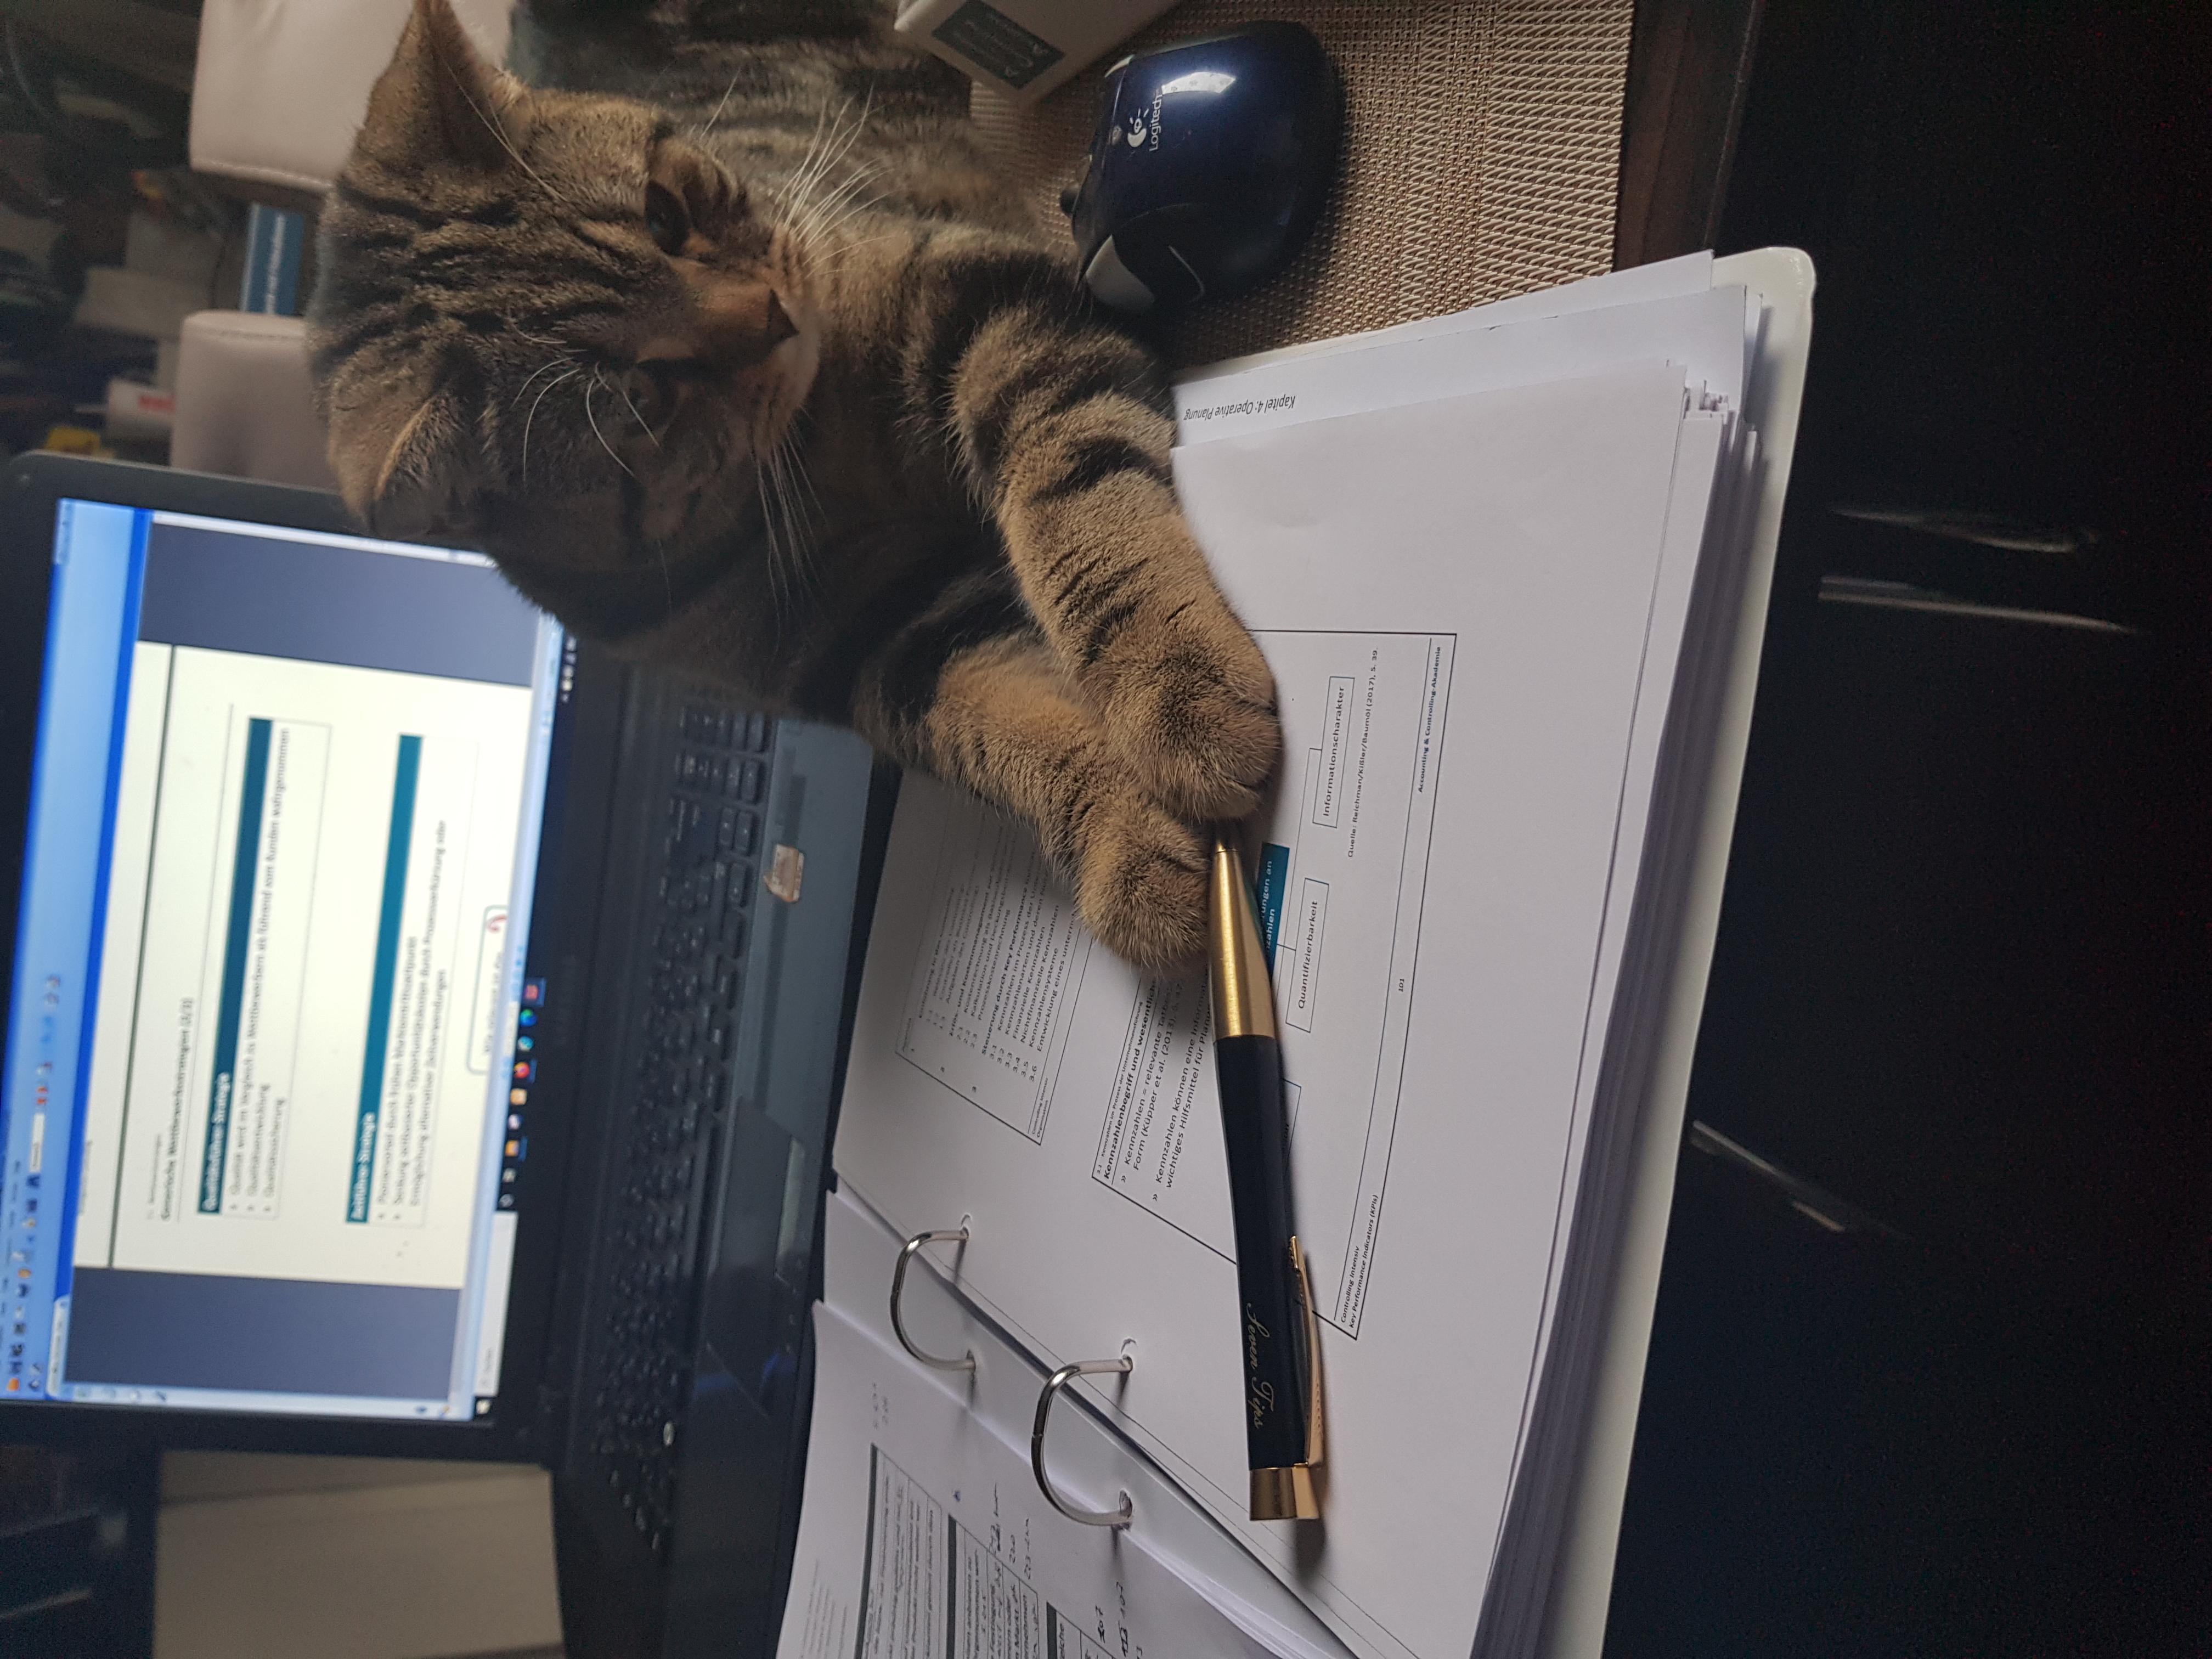 Проф. кот Мило принимает экзамен